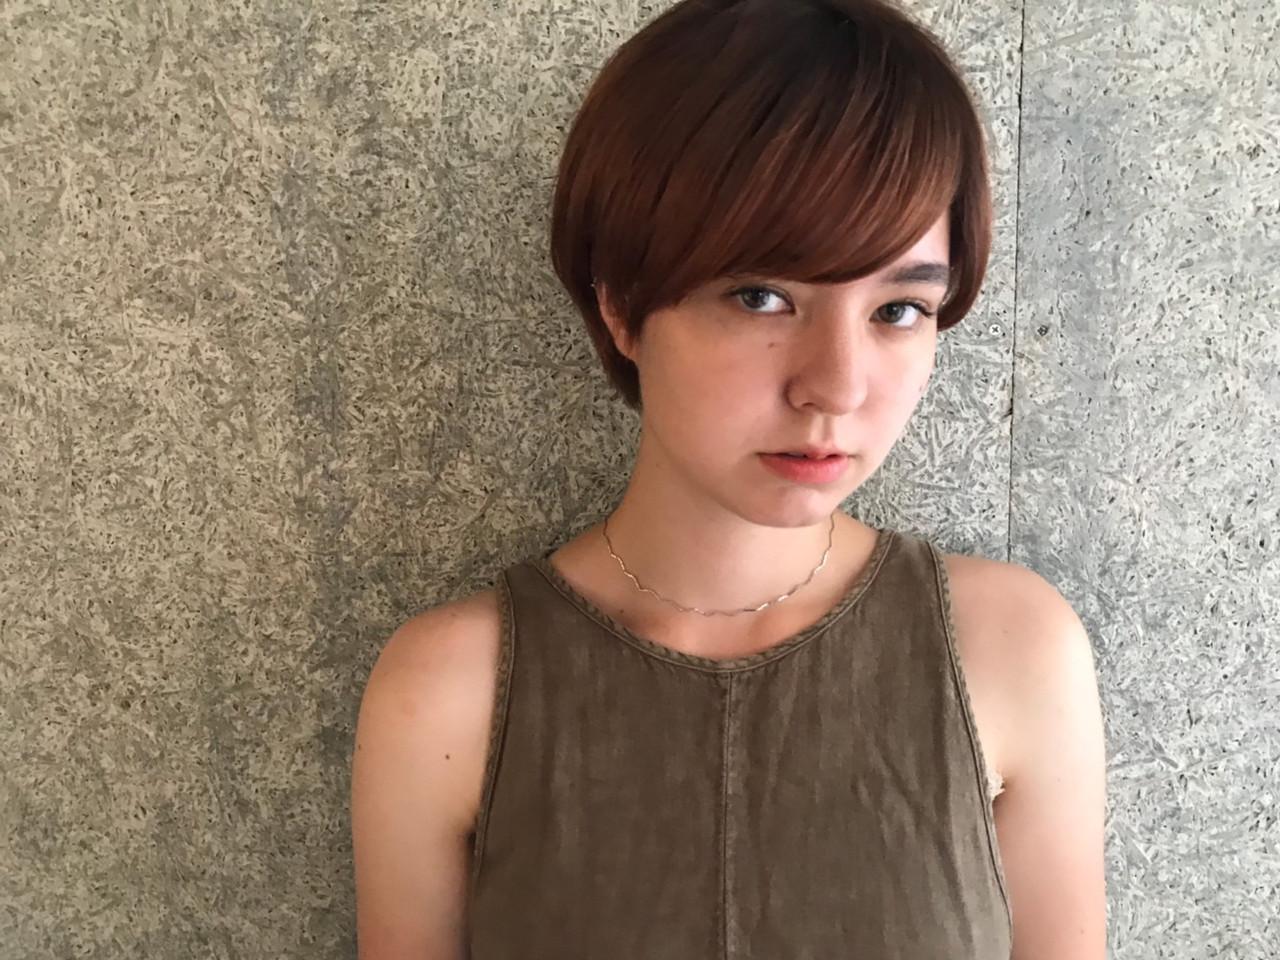 ナチュラルグラデーション マッシュショート ナチュラル可愛い ショートボブ ヘアスタイルや髪型の写真・画像 | Yohei Kato / Lin'ne 代表